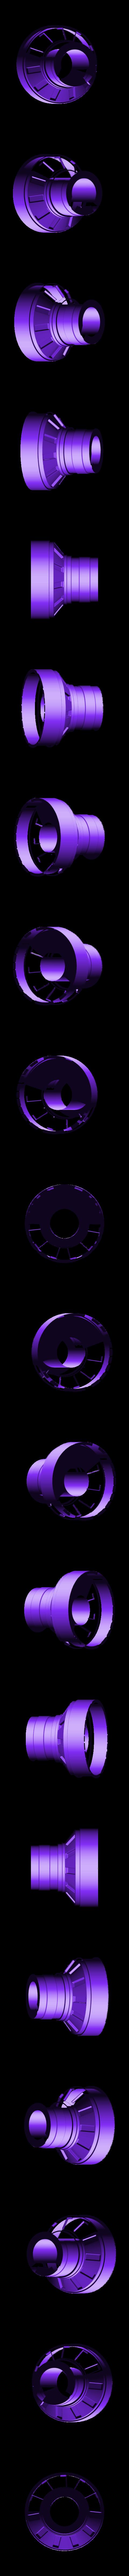 boba_fett_rocket_part_A.stl Download free STL file Boba Fett Rocket Jet Pack • 3D printable template, bromego